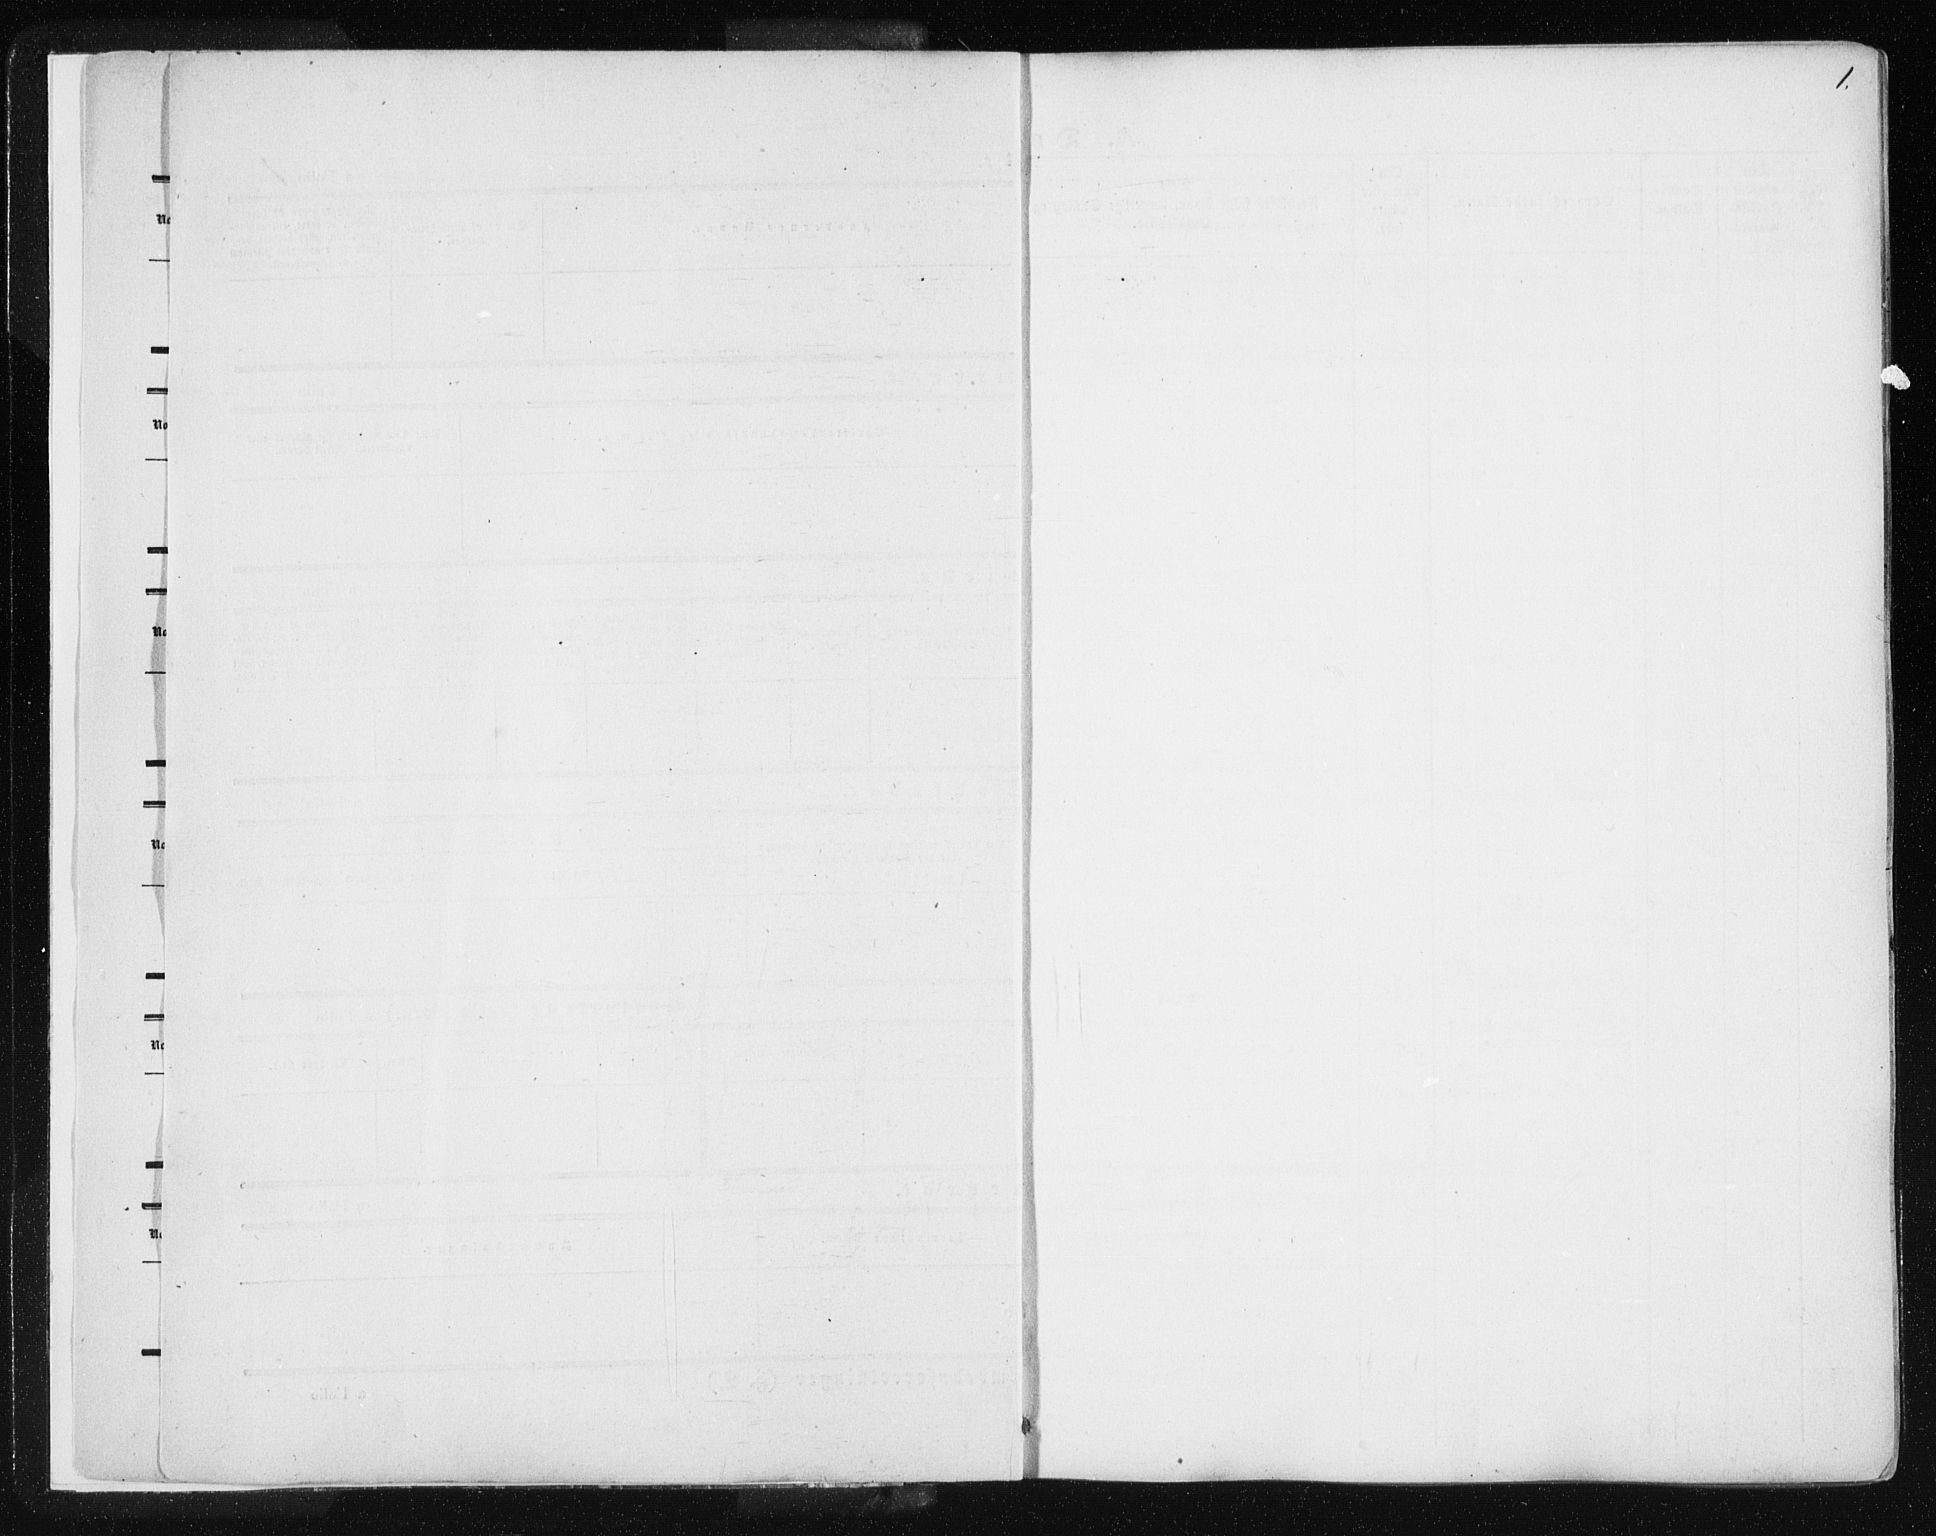 SAT, Ministerialprotokoller, klokkerbøker og fødselsregistre - Sør-Trøndelag, 668/L0806: Ministerialbok nr. 668A06, 1854-1869, s. 1